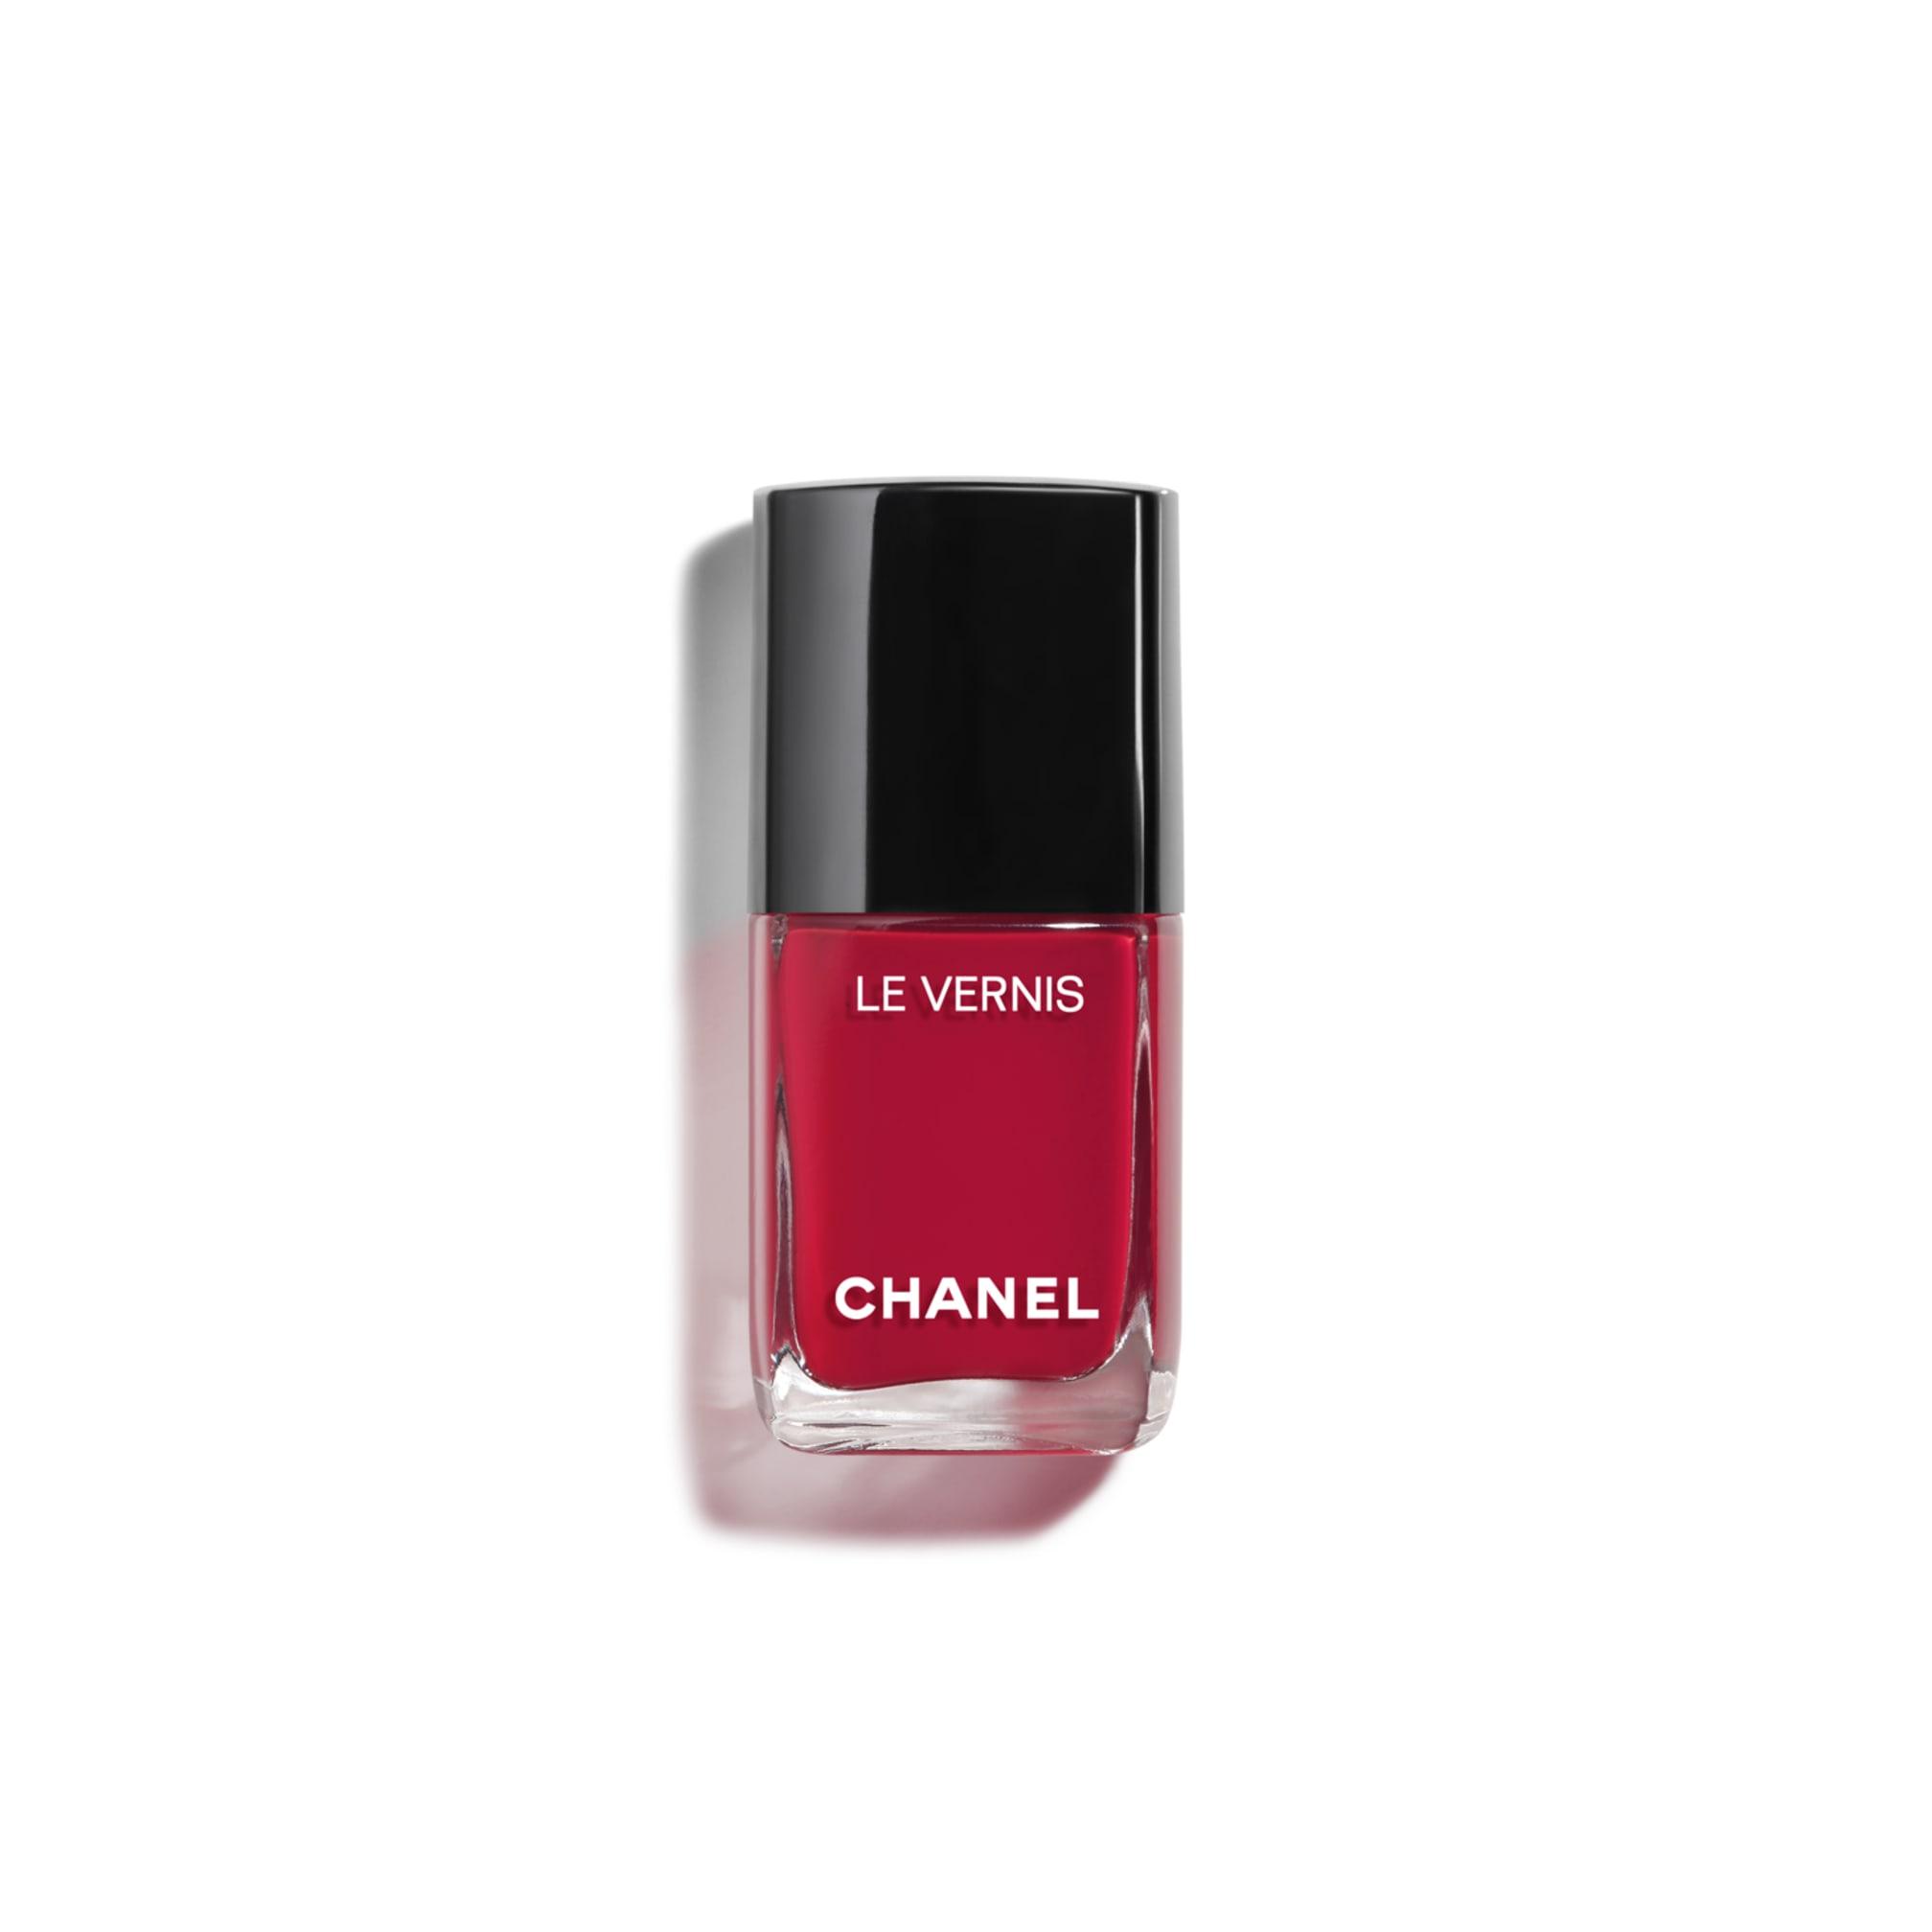 le-vernis-longwear-nail-colour-749-sailor-0-4fl-oz--packshot-default-159749-8826222575646